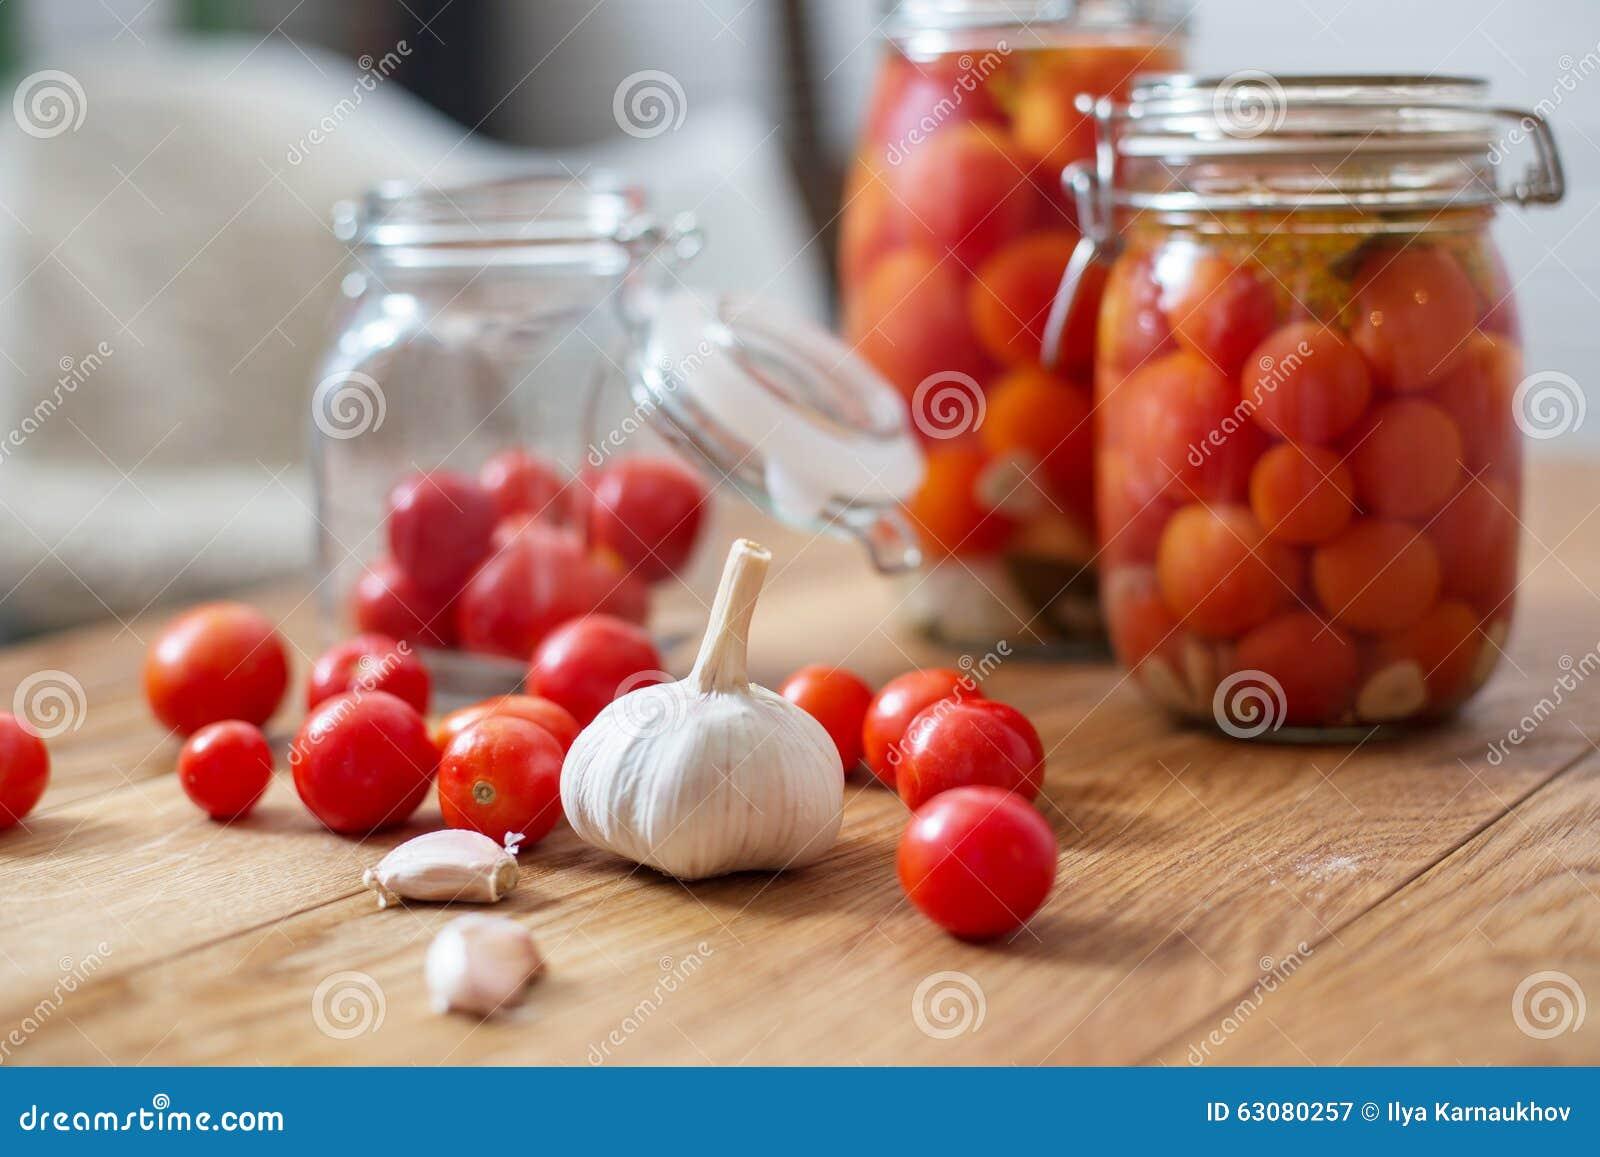 Download Pots de tomates marinées image stock. Image du nourriture - 63080257